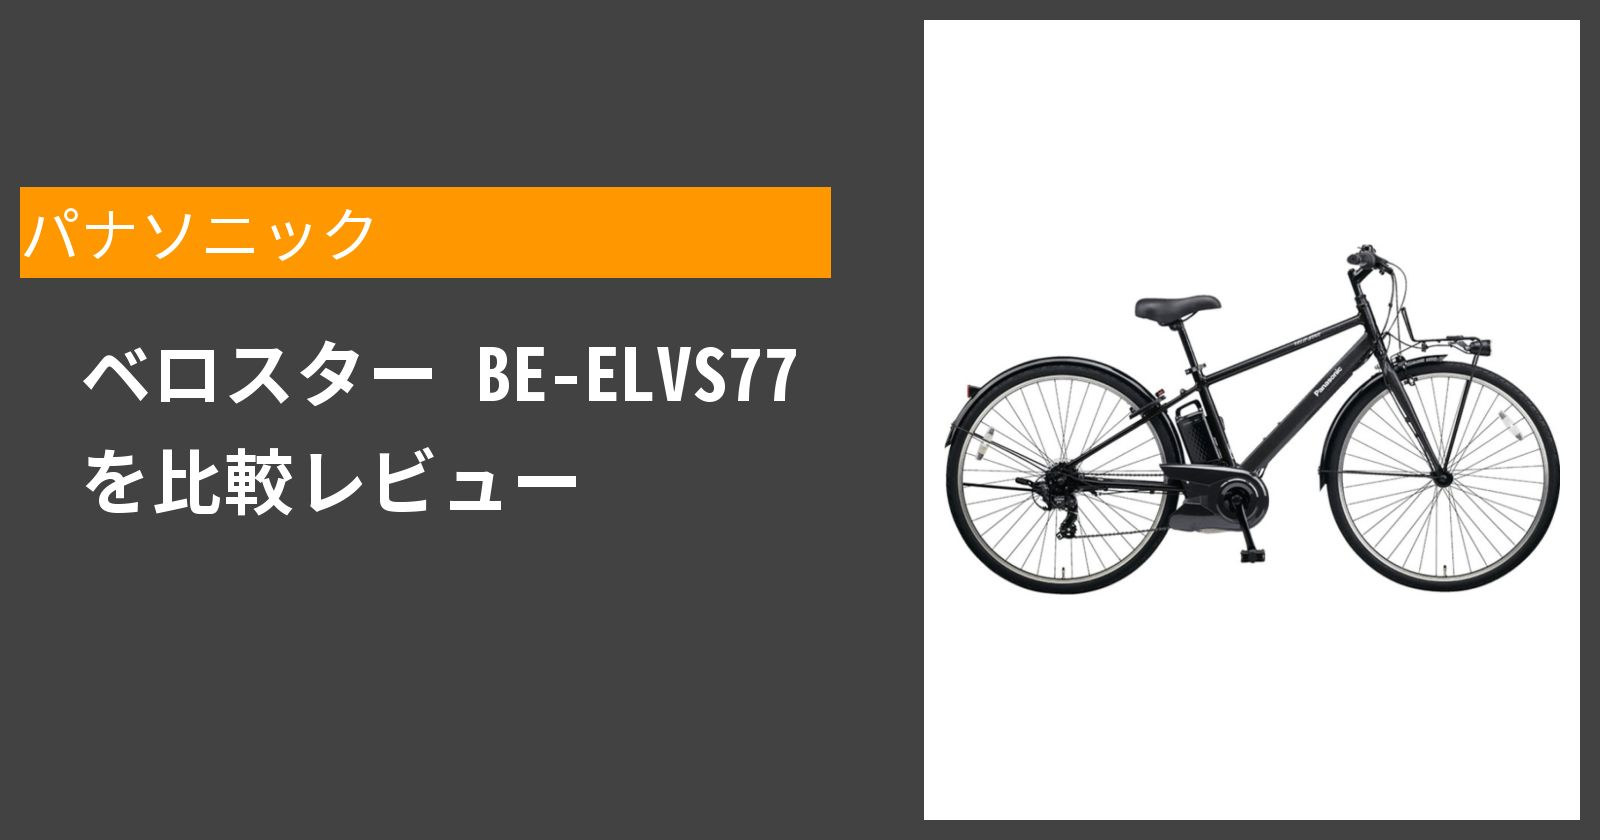 ベロスター BE-ELVS77を徹底評価